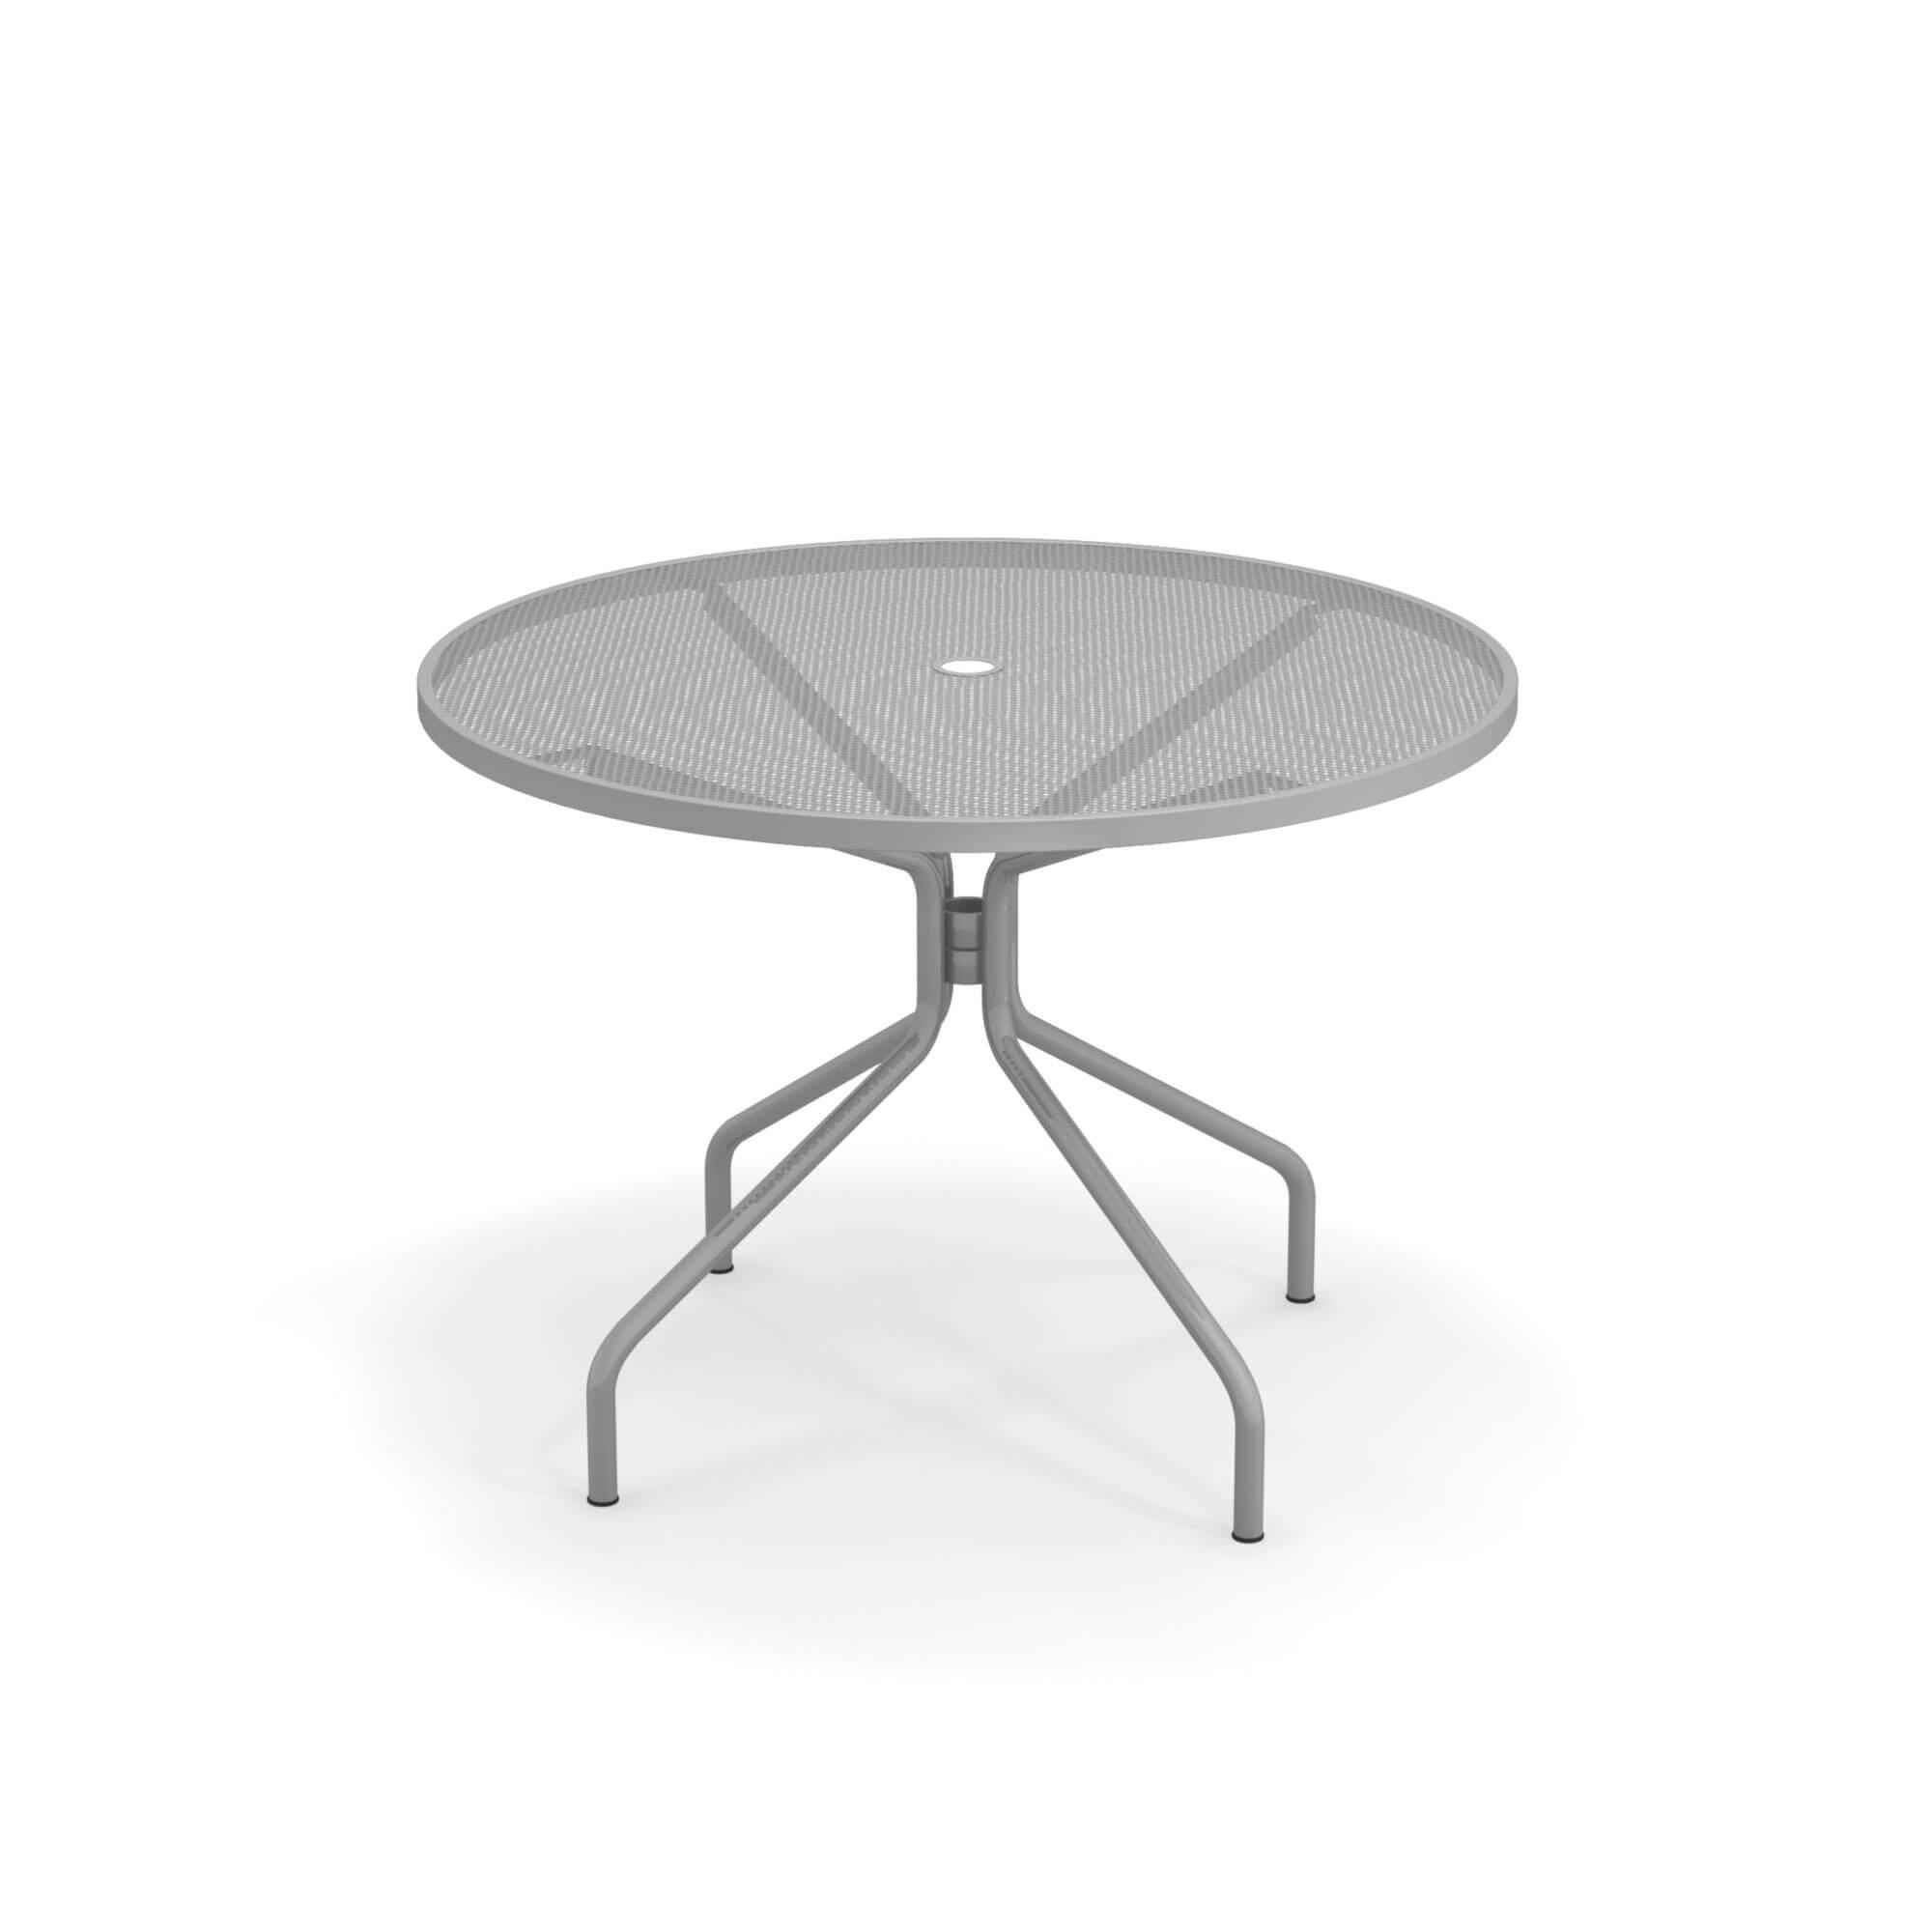 Table ronde Ø106 pour jardin / extérieur en acier - Collection Cambi